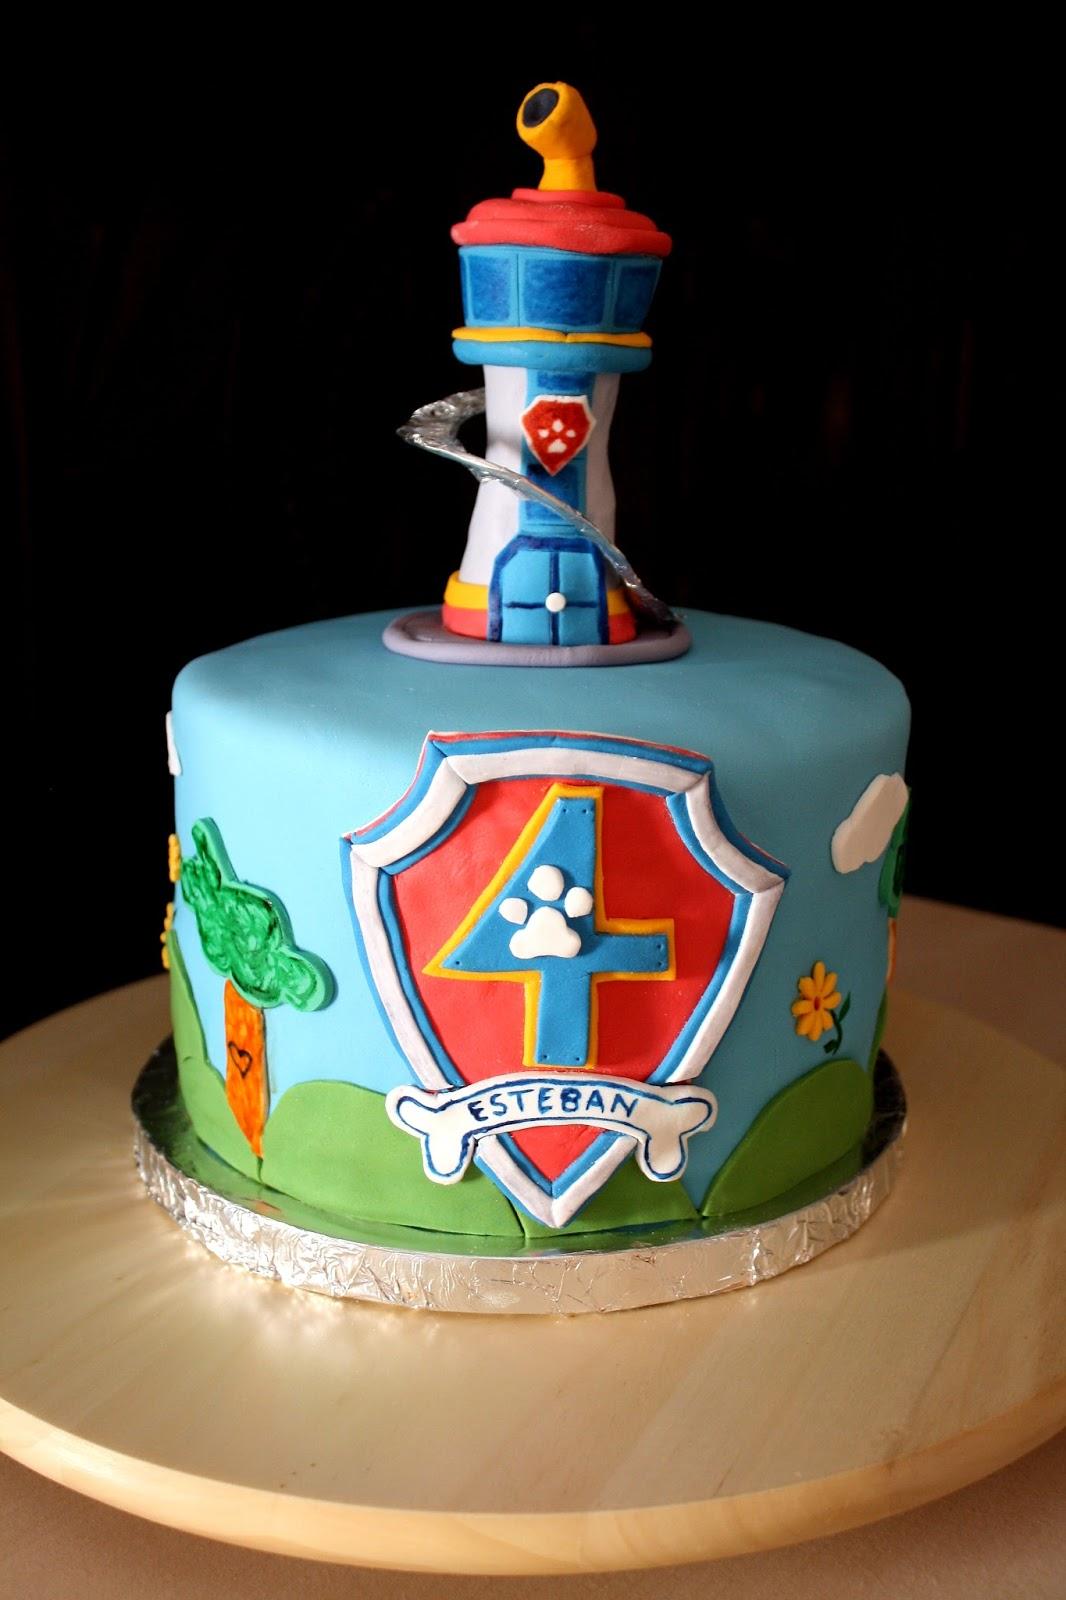 Fabuleux Gâteau Paw Patrol la Pat' Patrouille | Créations Cake Design par  PB99